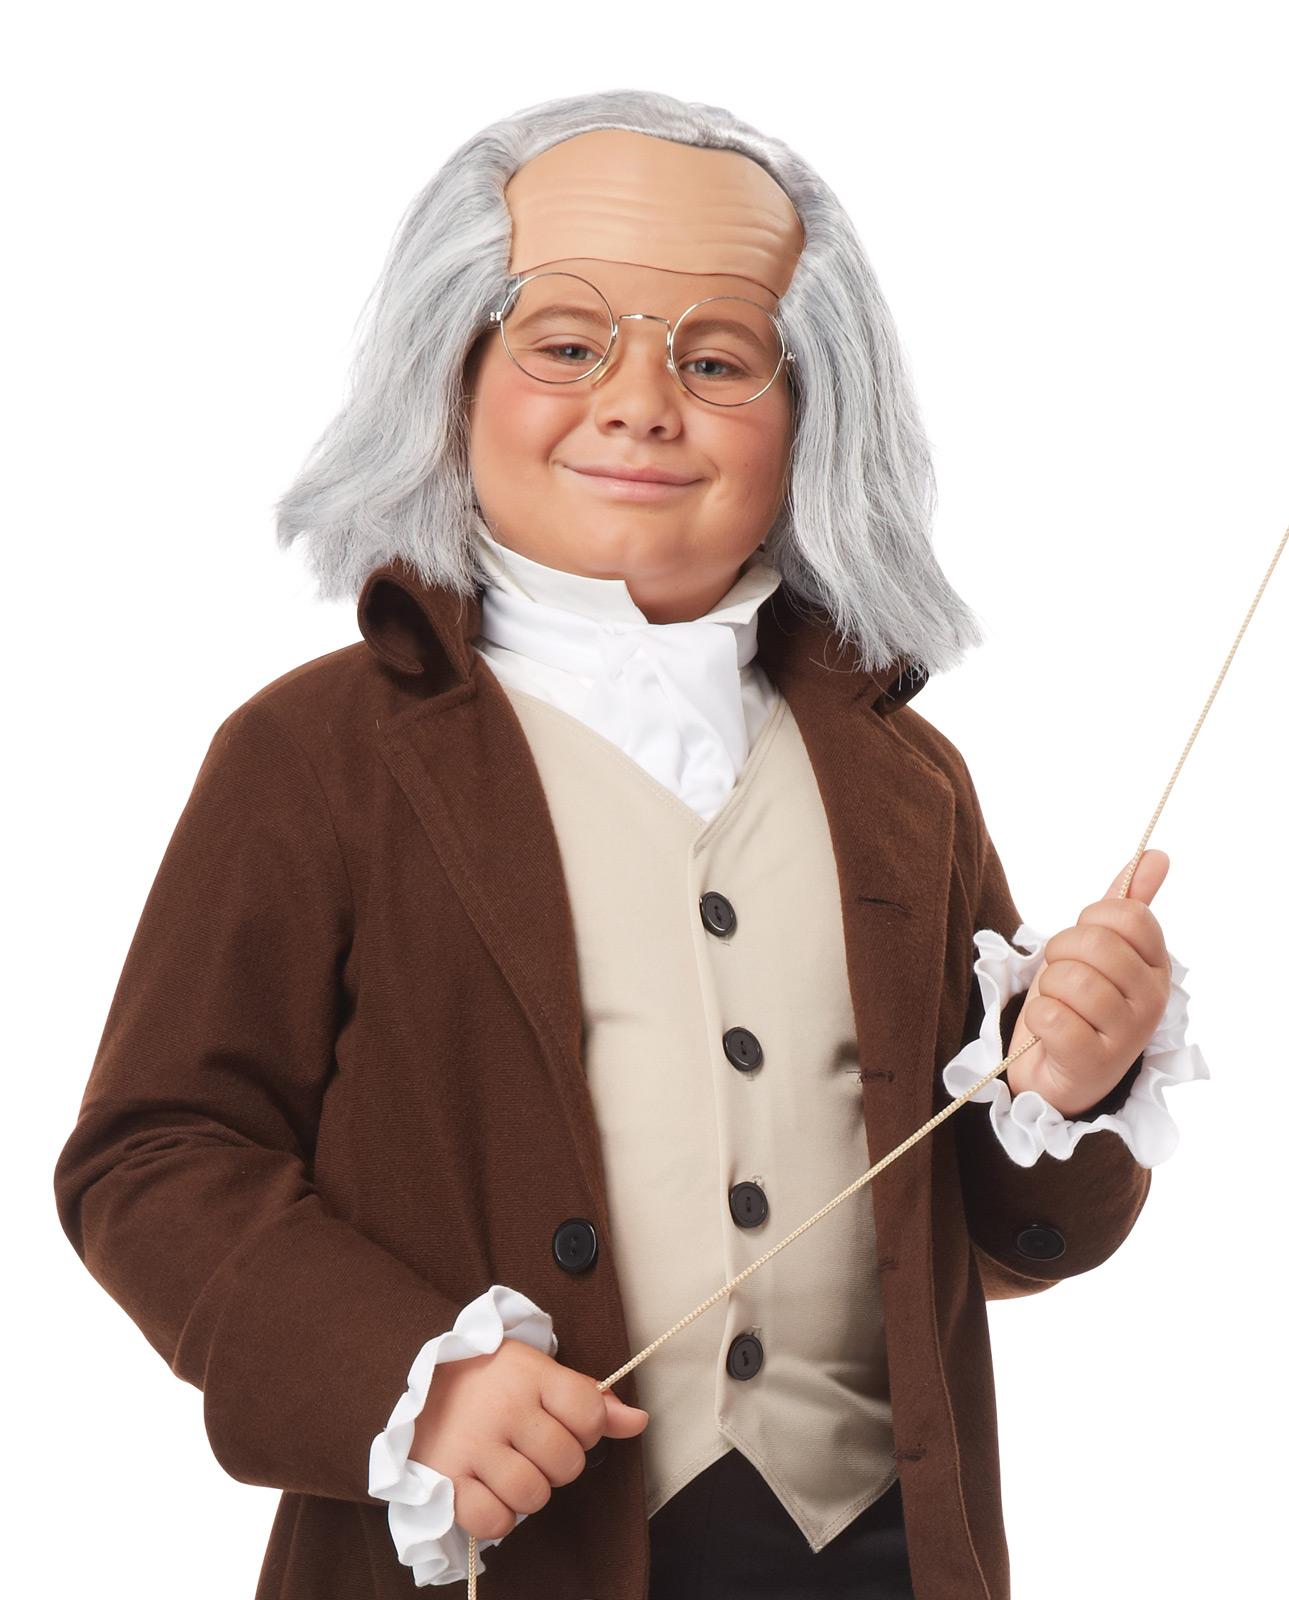 George Washington Benjamin Franlin Colonial School Play